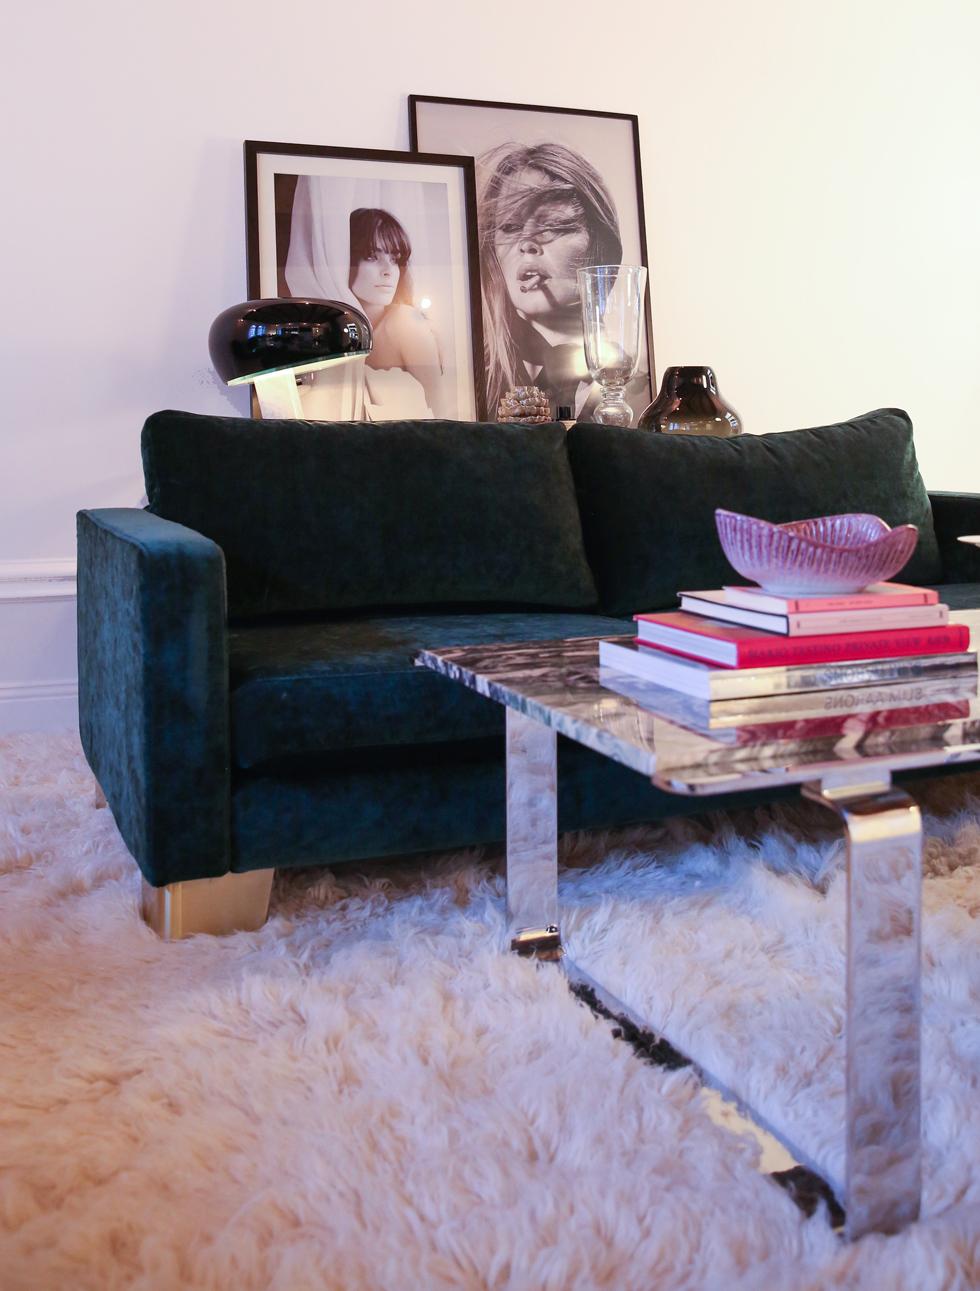 ge din soffa en makeover! - petra tungården - metro mode